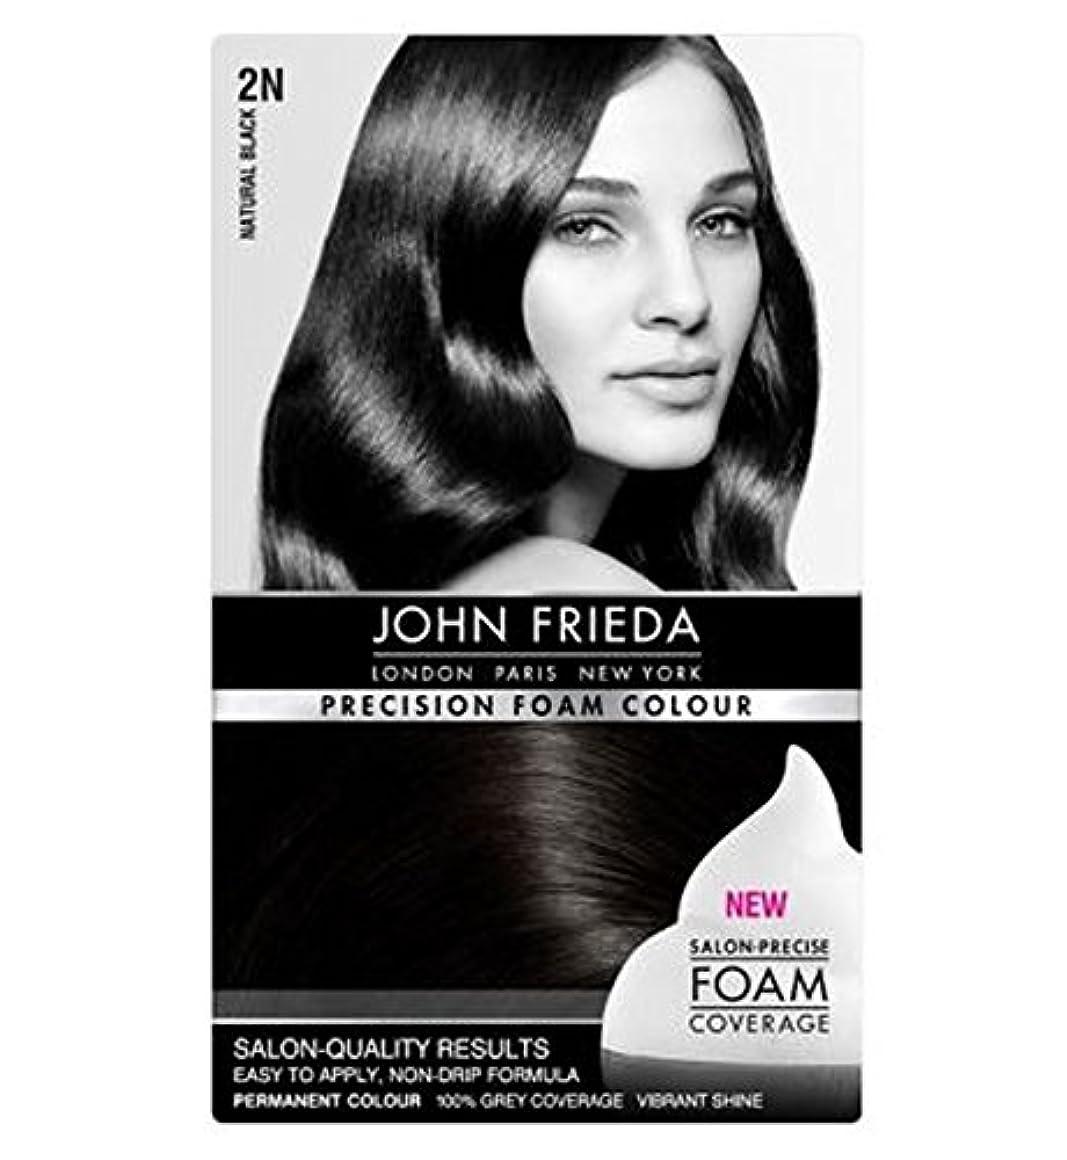 書士ドール道徳のジョン?フリーダ精密泡の色の発光自然な黒2N個 (John Frieda) (x2) - John Frieda Precision Foam Colour Luminous Natural Black 2N (Pack of 2) [並行輸入品]